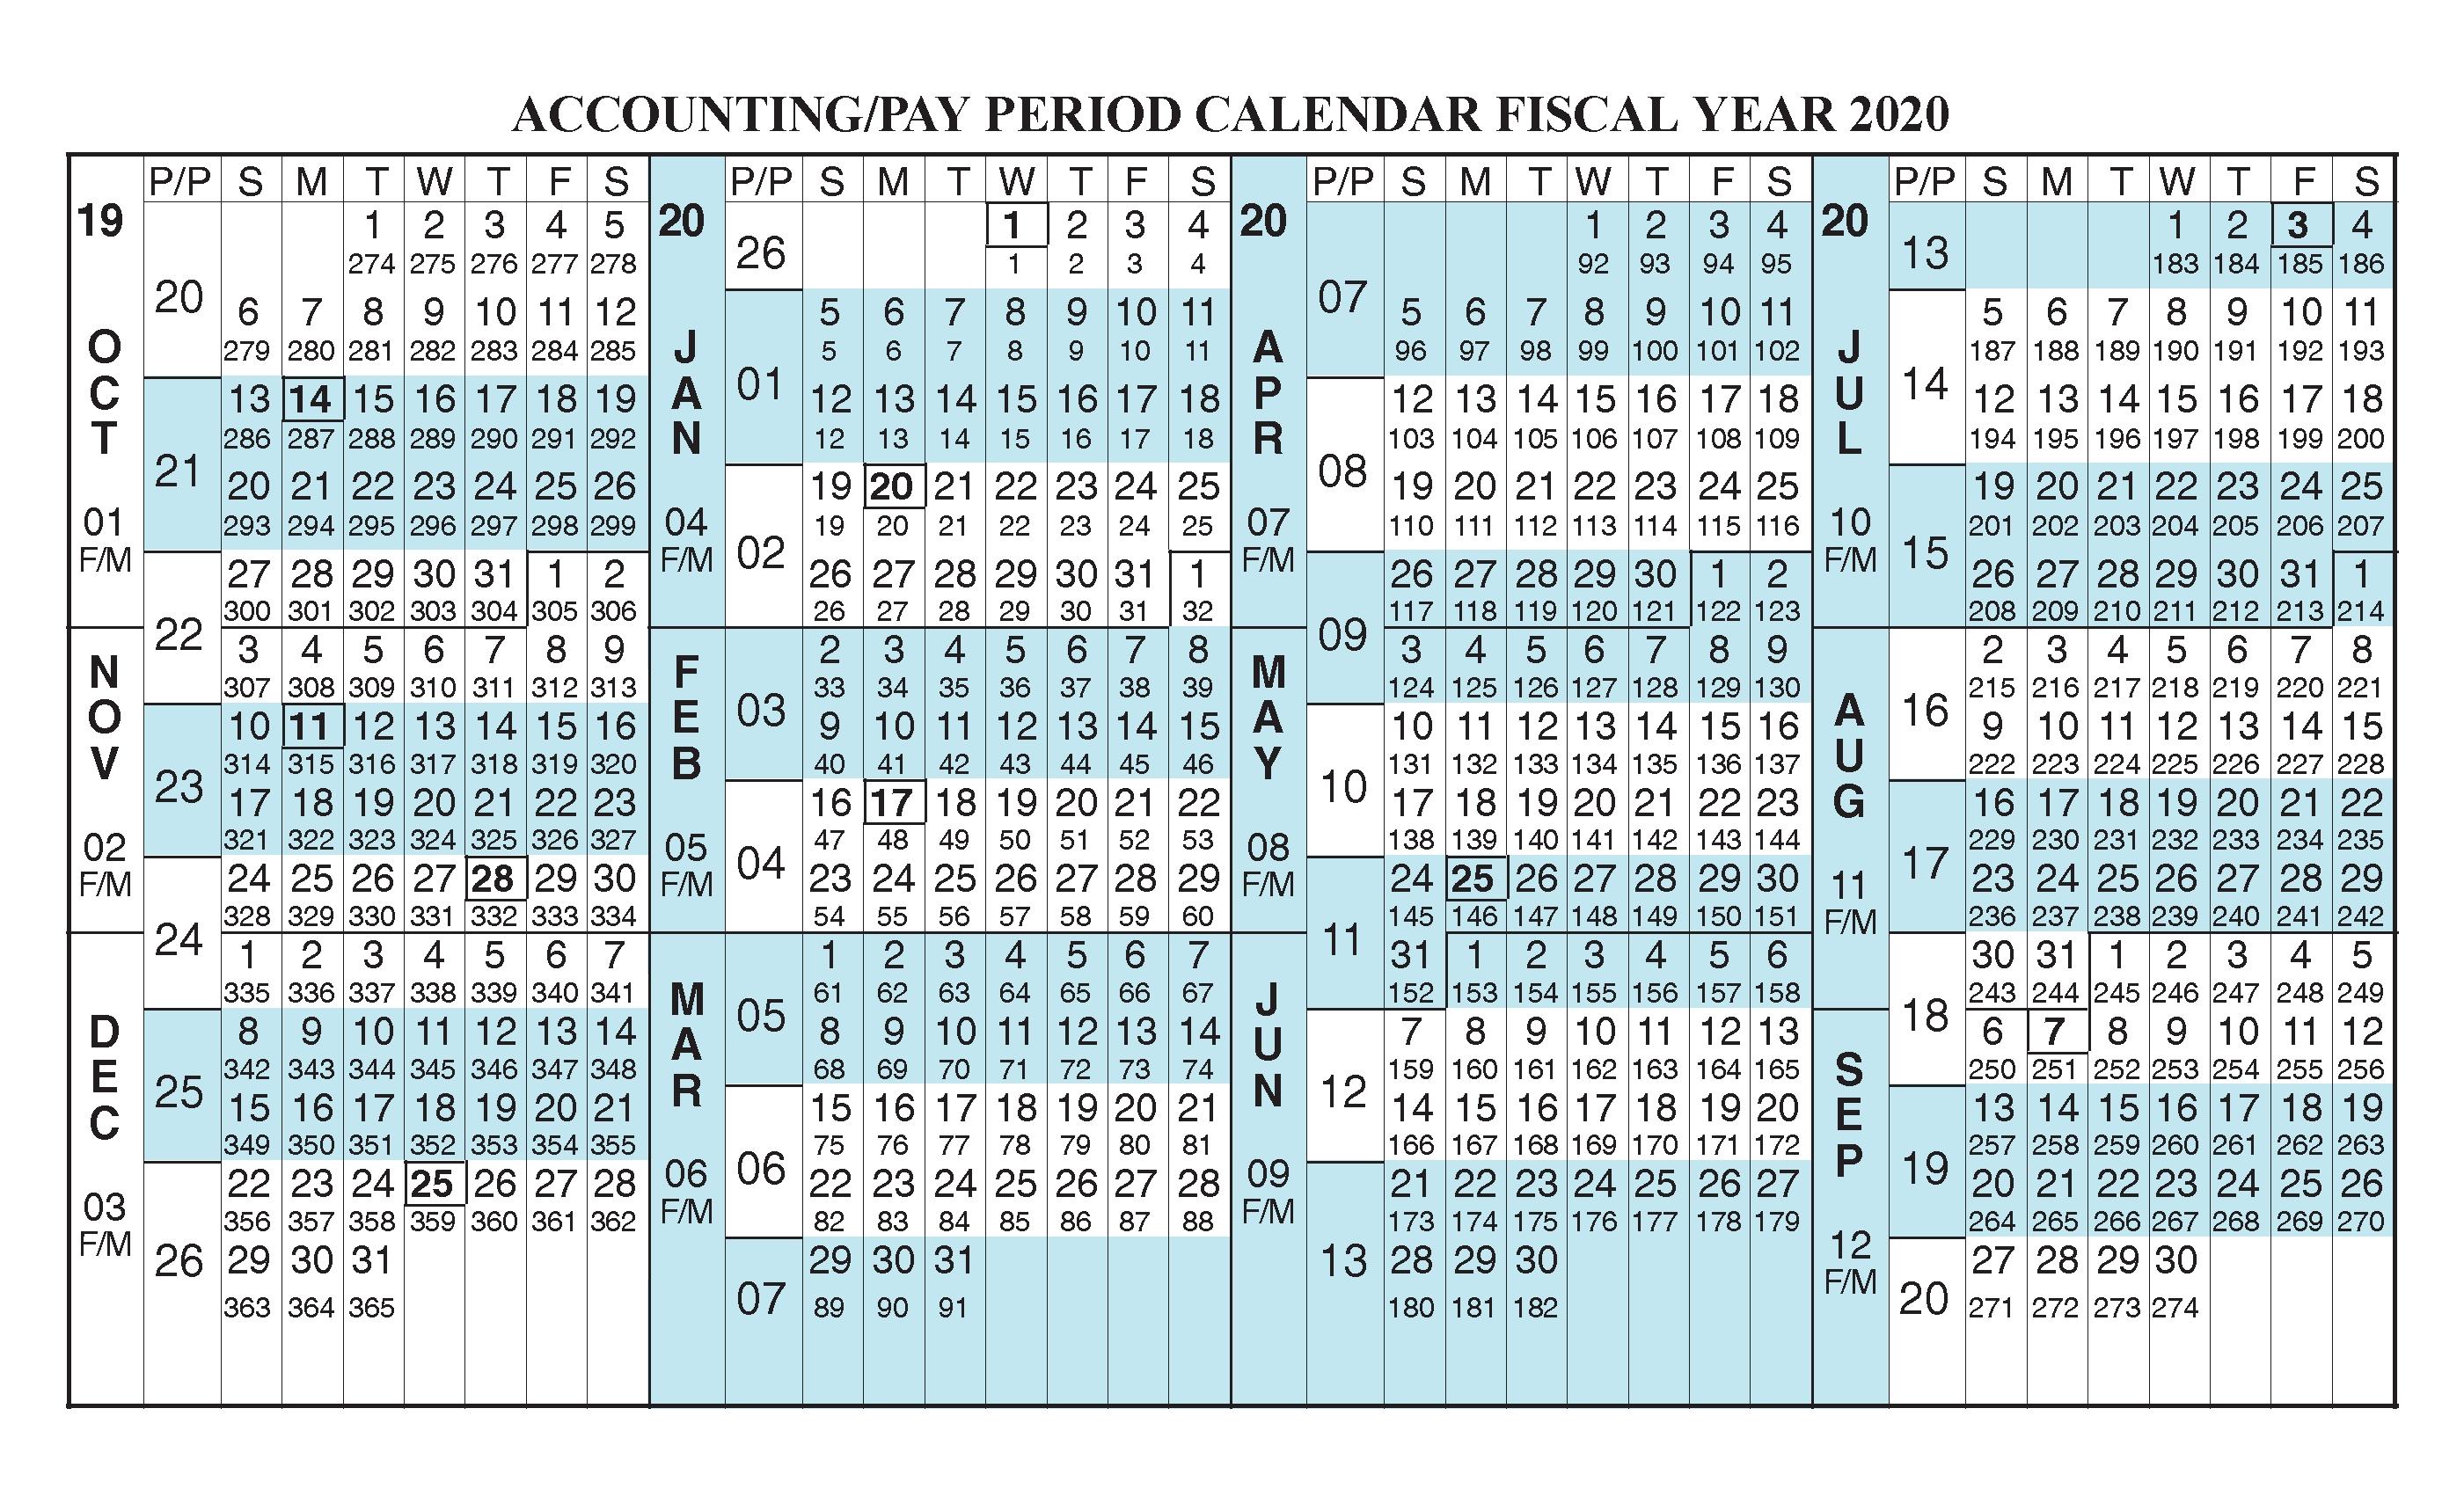 Payroll Calendar 2020 Fiscal Year Calendar [ Oct 2019 - Sep 2020 regarding Federal Pay Period Calendar 2020